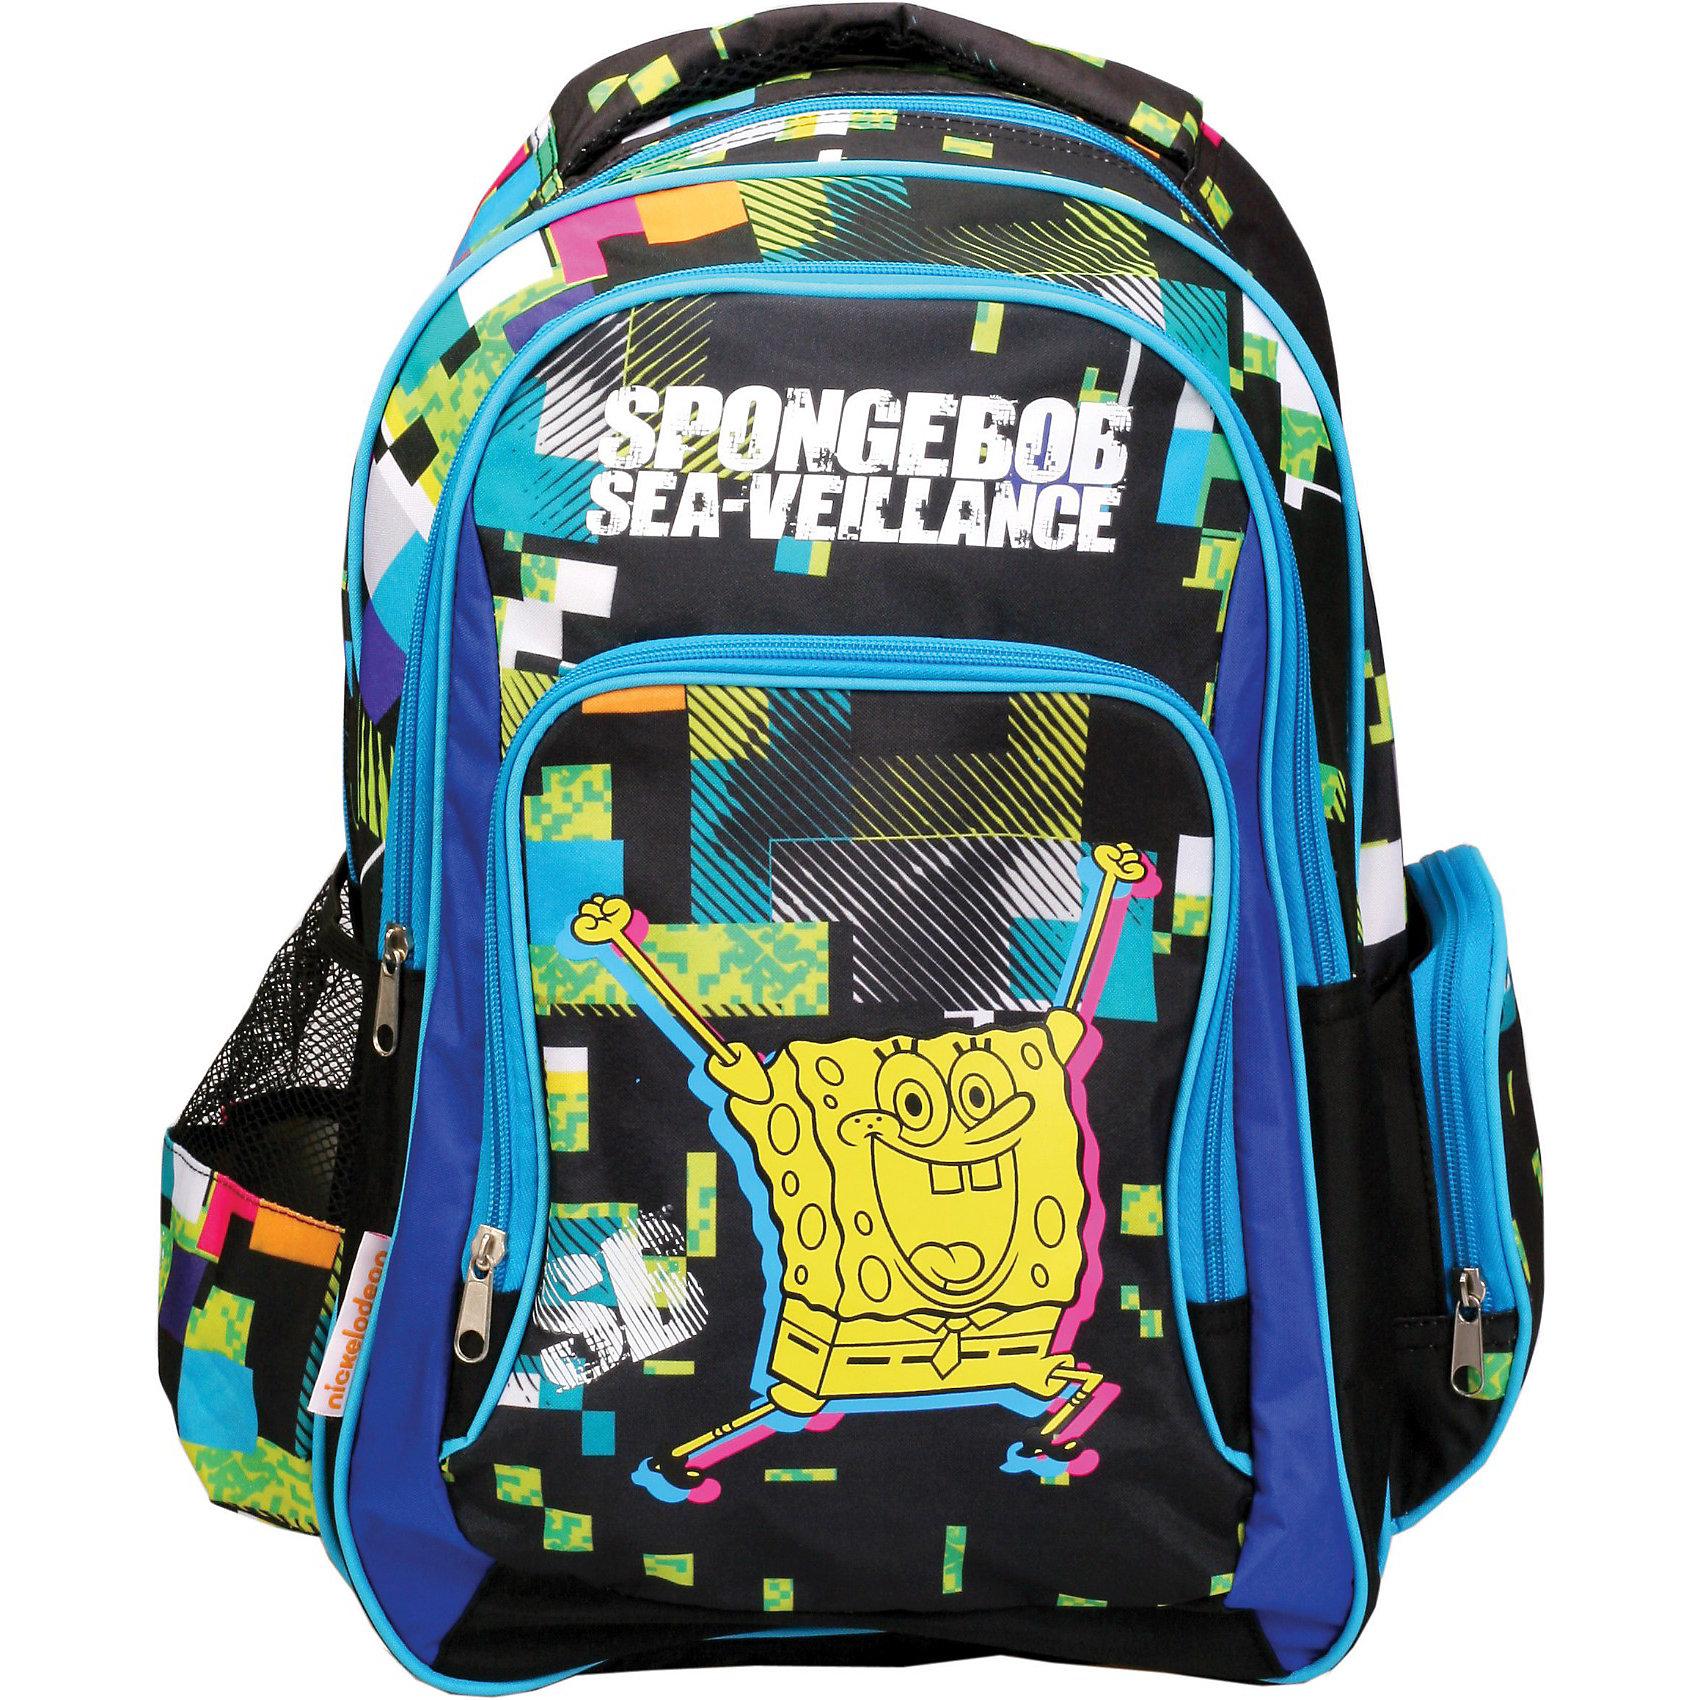 Школьный рюкзак Губка БобРюкзак, Губка Боб – это яркий рюкзак украшенный изображением мультипликационного персонажа - доброго и улыбчивого Губки Боба  (SpongeBob Square Pants).<br>У рюкзака уплотненная спинка, широкие мягкие регулируемые лямки. Рюкзак имеет одно вместительное отделение, фронтальный карман на молнии и два боковых кармана.<br><br>Дополнительная информация:<br><br>- Размер: 41 х 28 х 18 см.<br>- Вес: 535 гр.<br>- Материал: полиэстер 600 ден<br><br>Рюкзак, Губка Боб можно купить в нашем интернет-магазине.<br><br>Ширина мм: 180<br>Глубина мм: 410<br>Высота мм: 280<br>Вес г: 535<br>Возраст от месяцев: 36<br>Возраст до месяцев: 144<br>Пол: Унисекс<br>Возраст: Детский<br>SKU: 3684897